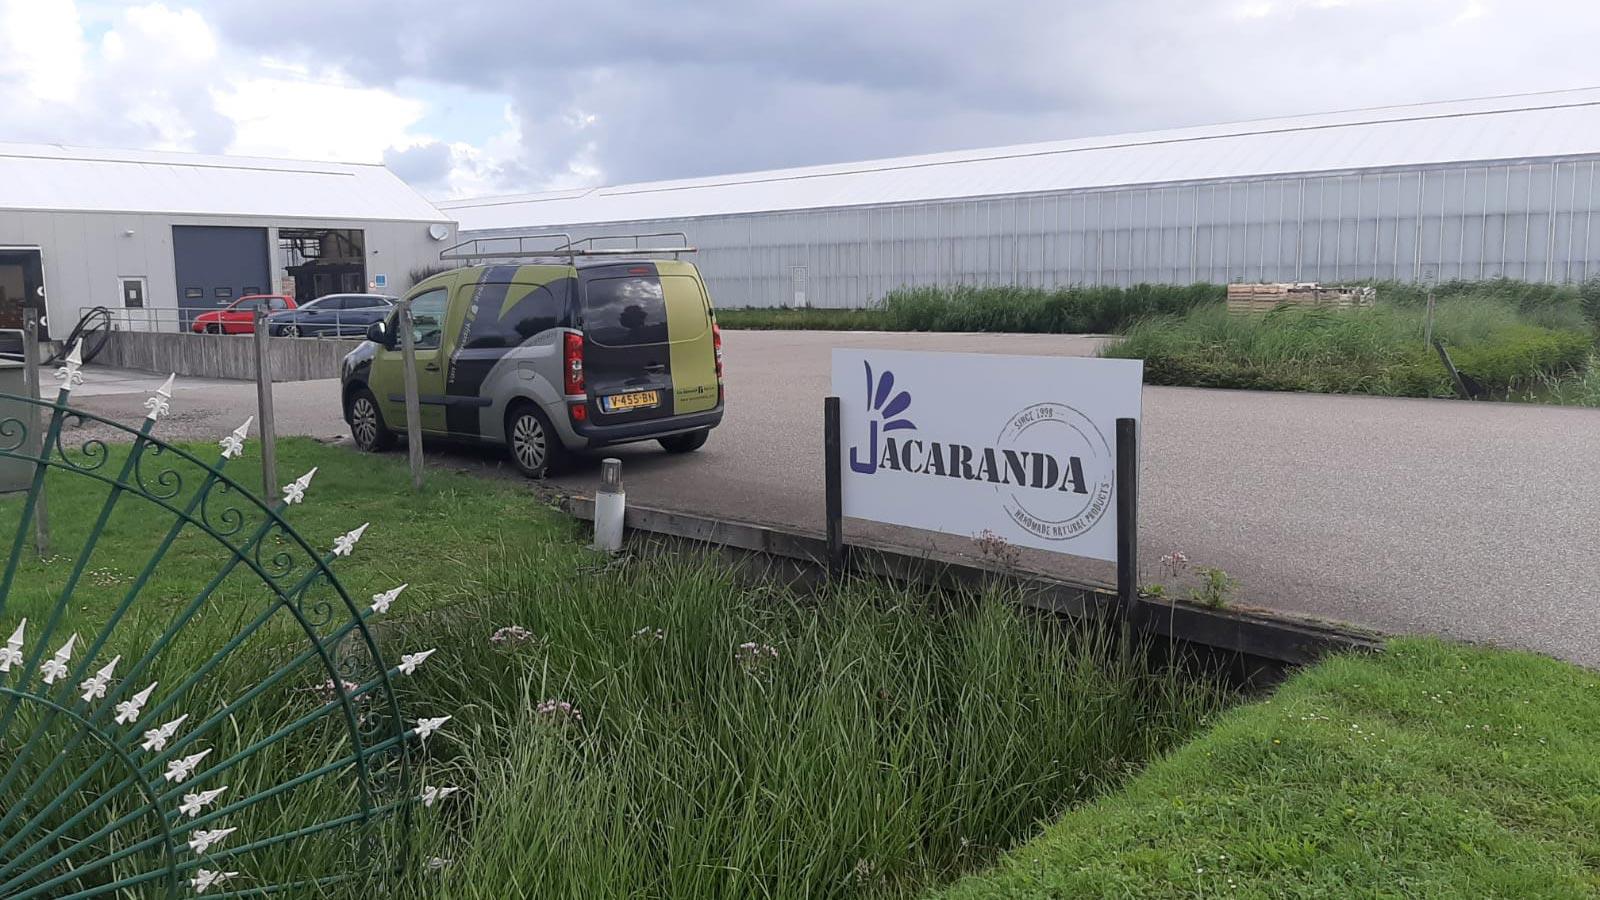 Van Riemsdijk Reklame - Buitenreklame - Jacaranda